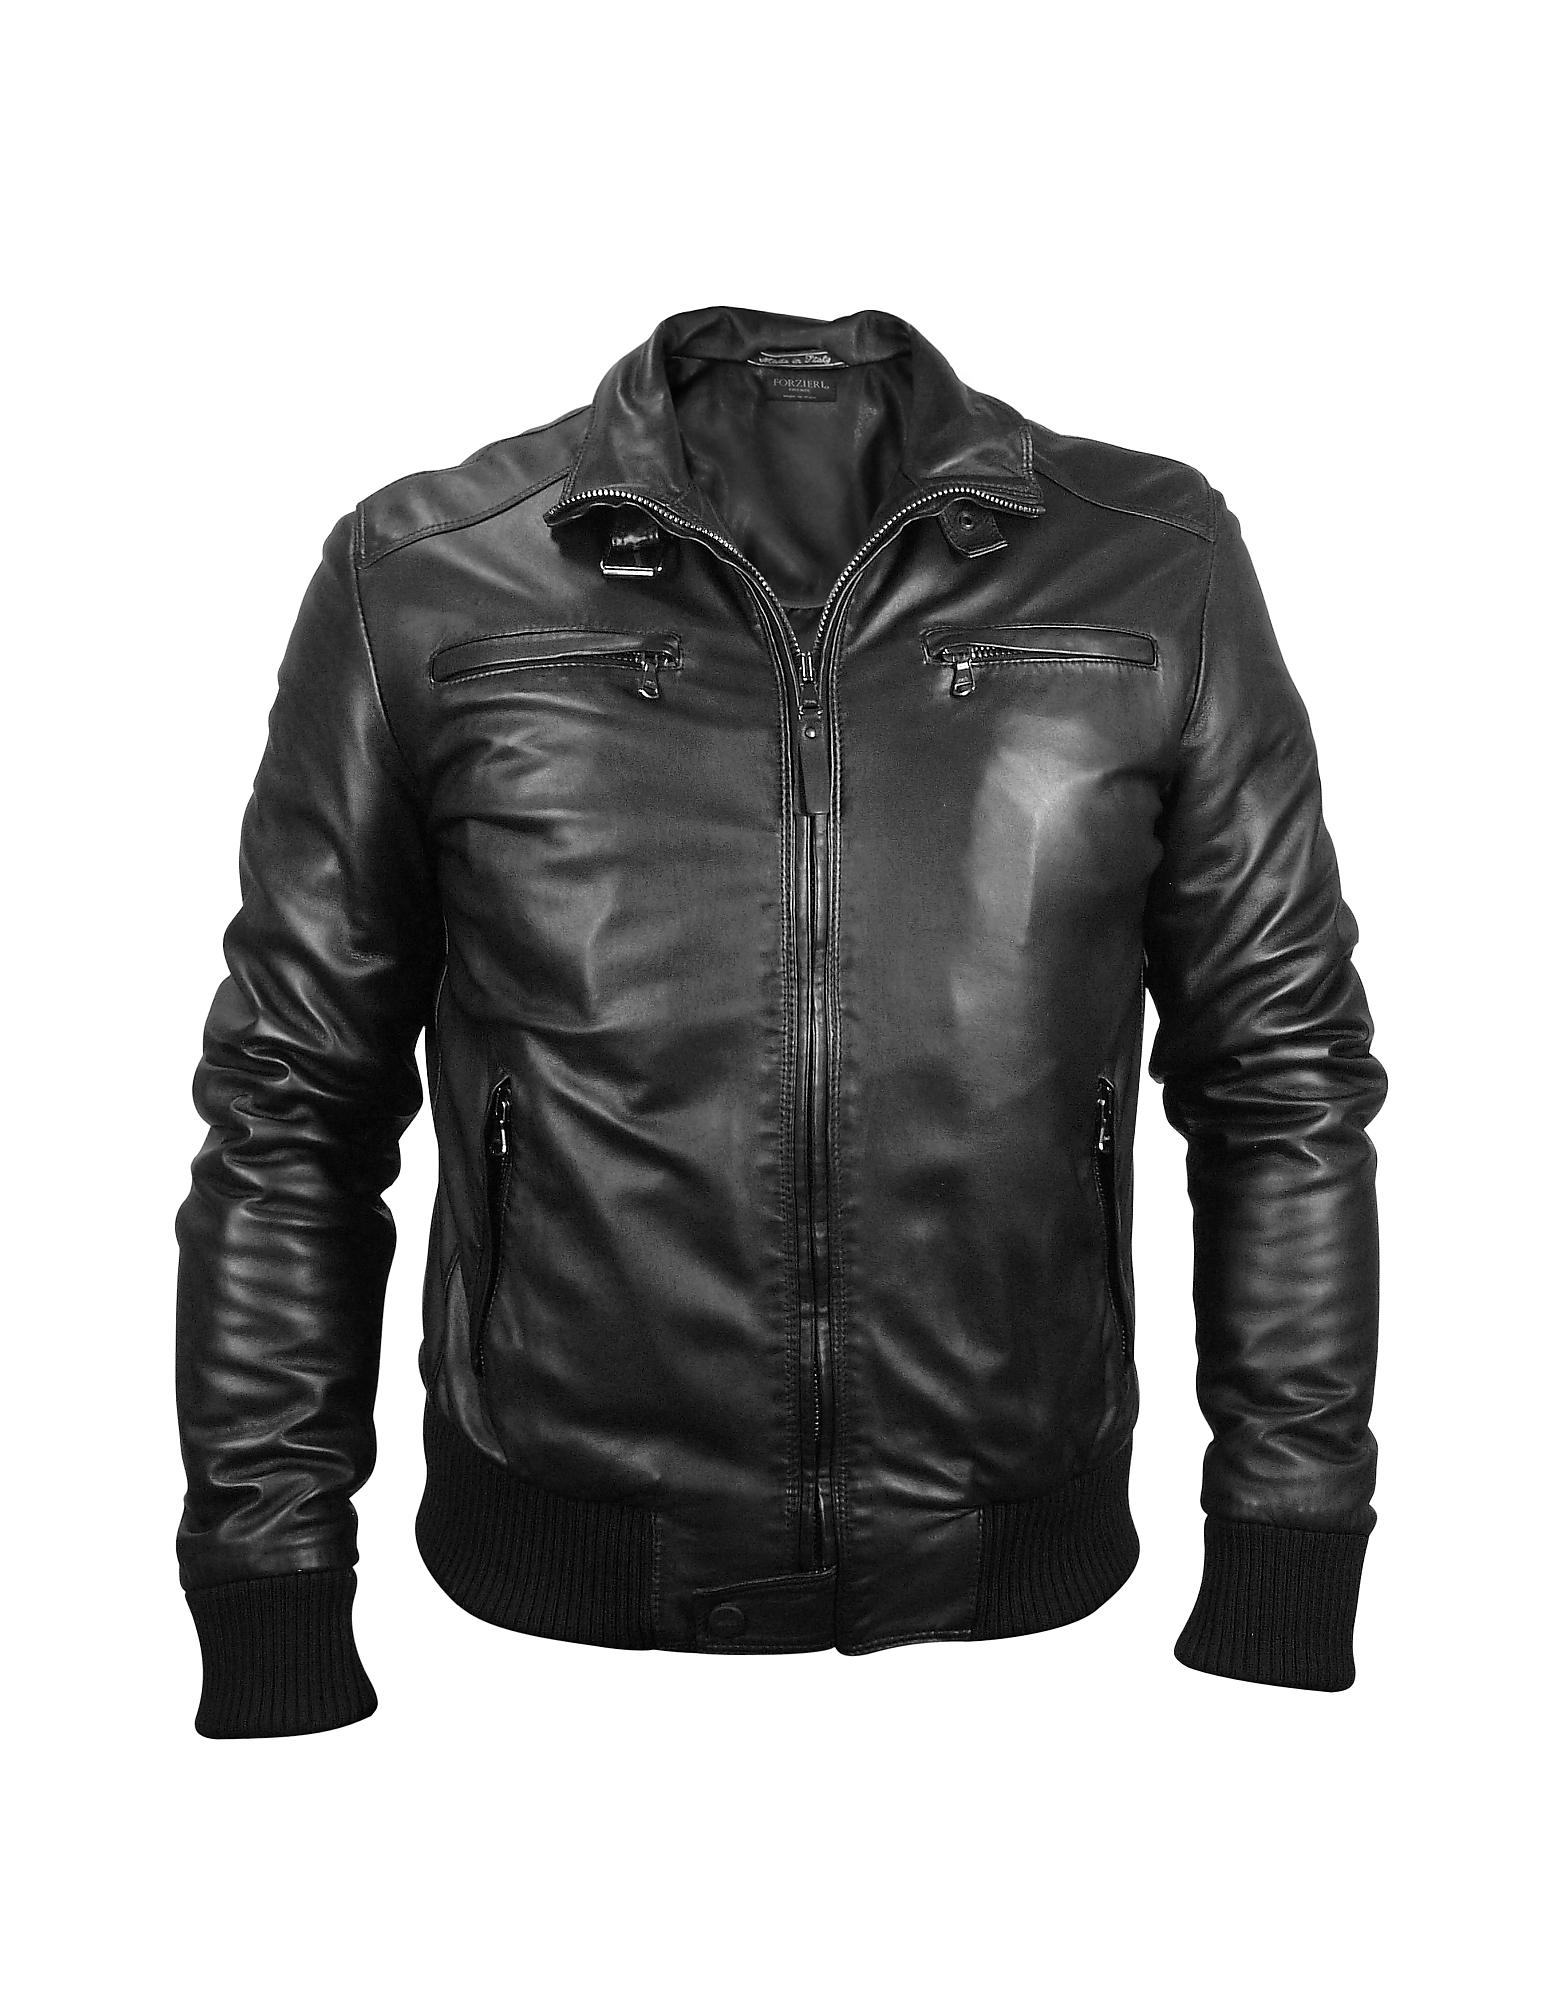 Мужская Черная Кожаная Куртка в Мото Стиле